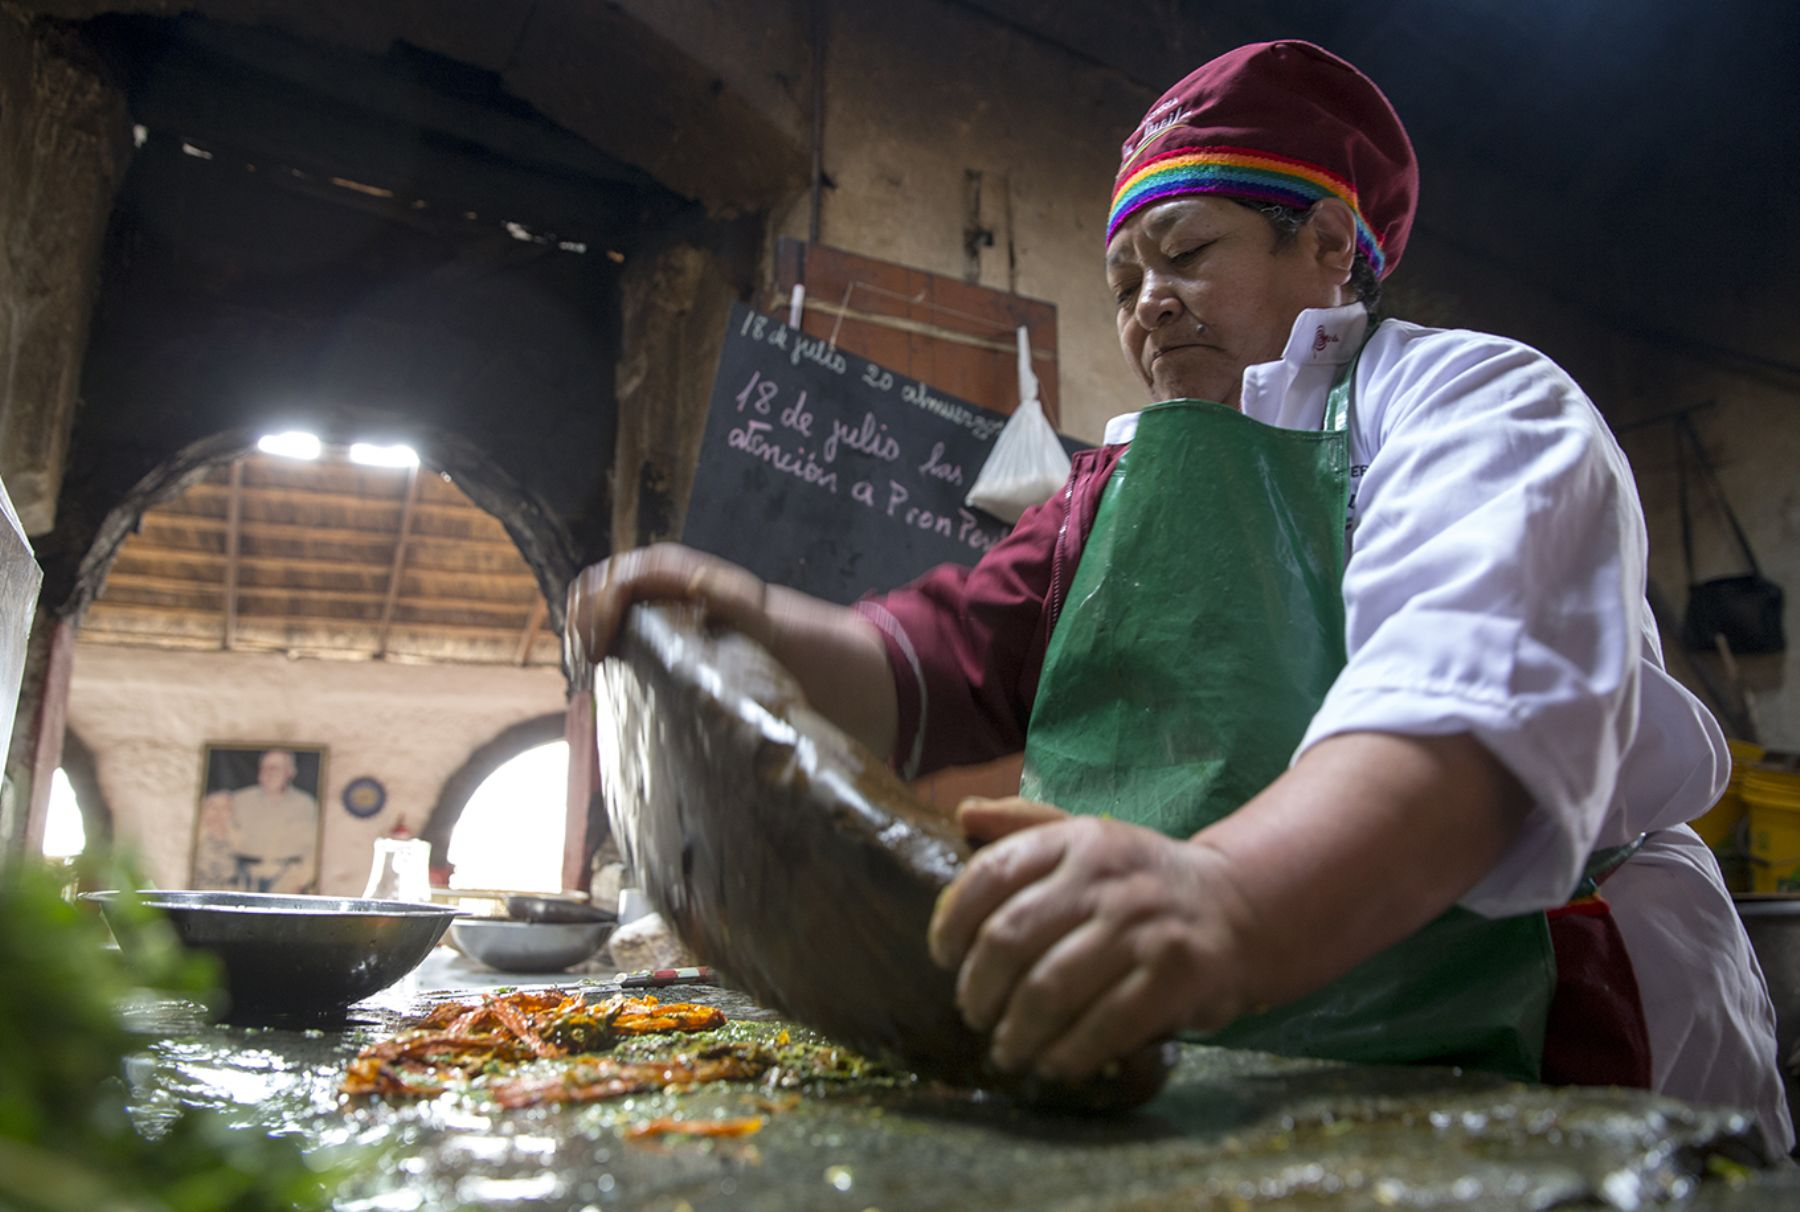 La gastronomía peruana, que conquista cada vez más paladares en el mundo, tiene su esencia en las cocinas regionales que conservan una sabiduría que recoge tradiciones ancestrales enriquecidas con el mestizaje cultural. ANDINA